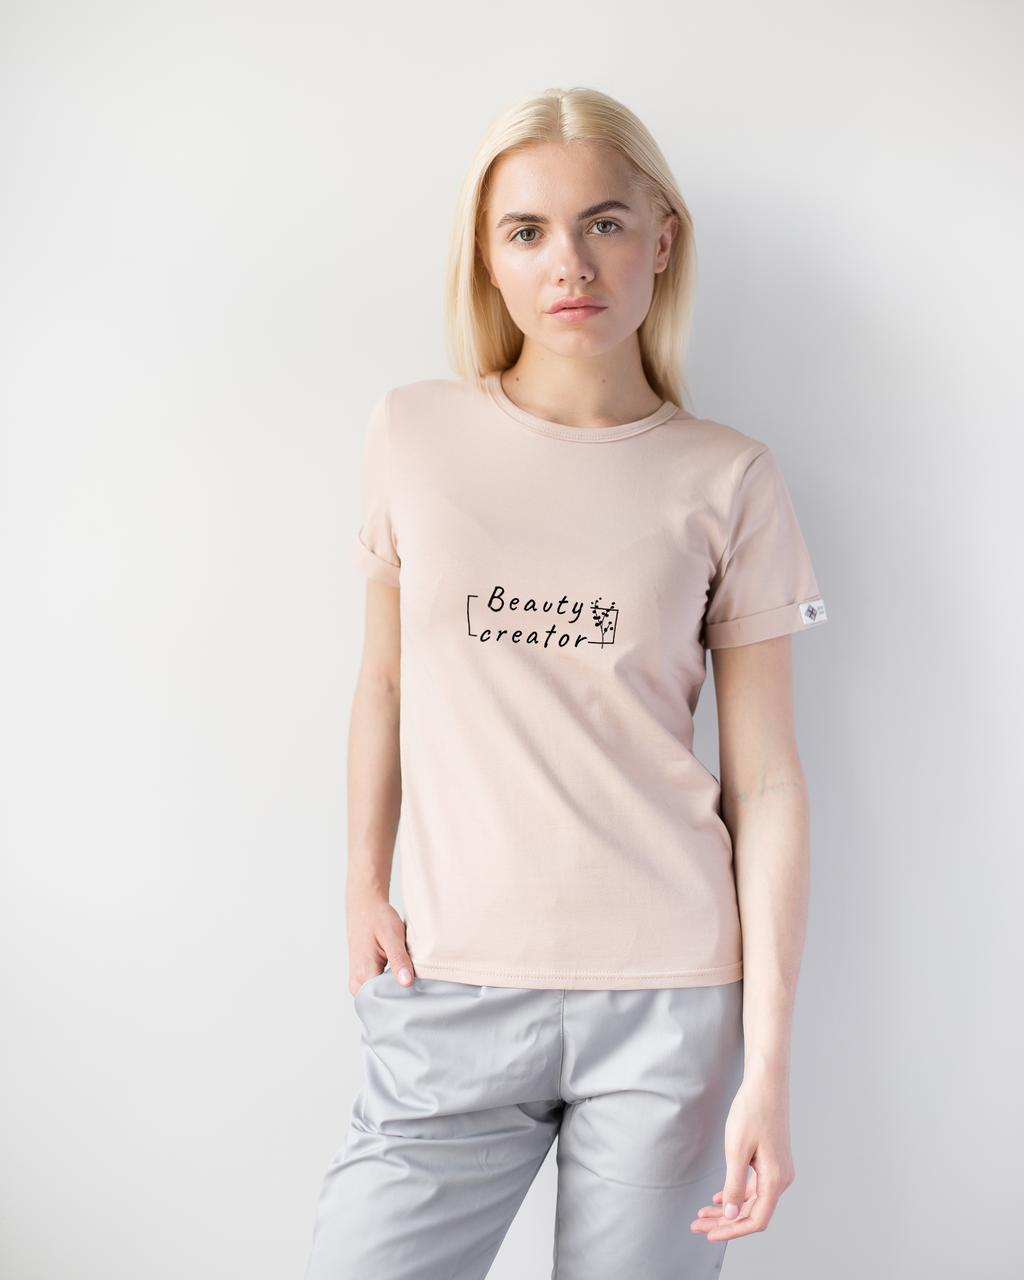 Женская футболка Модерн, беж принт Beauty creator